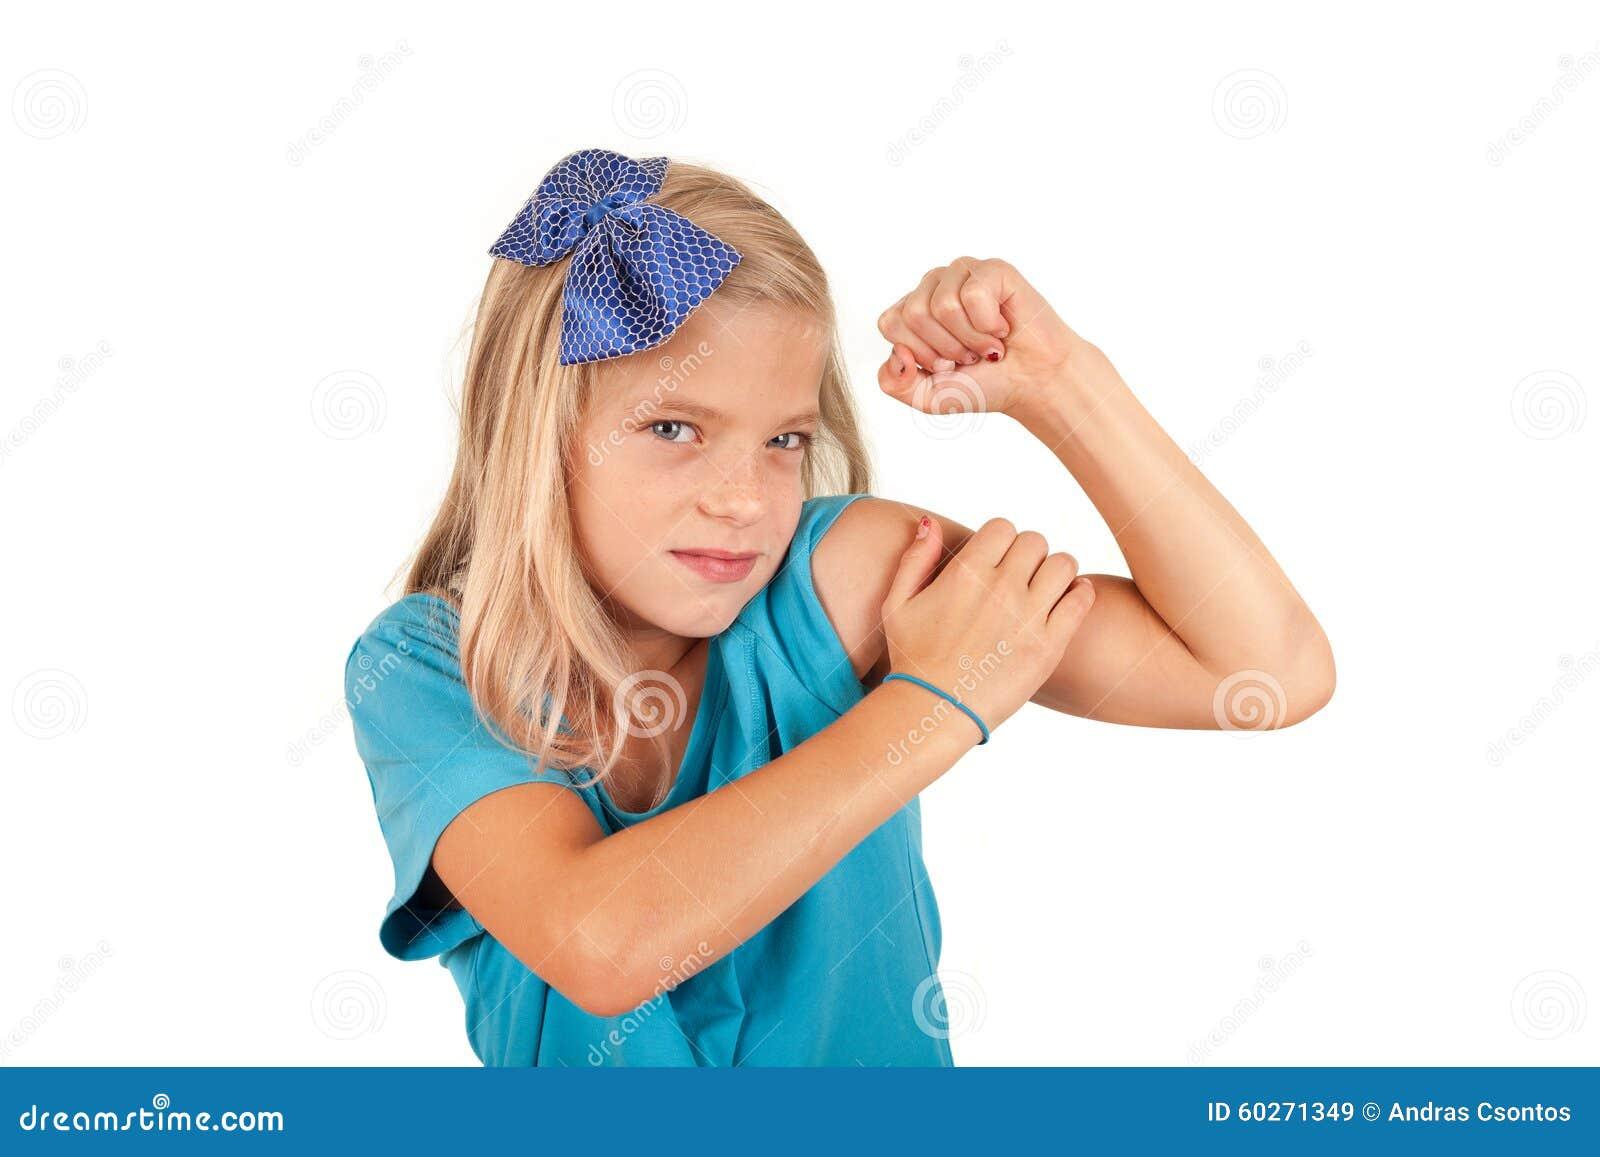 我们可以做它-小女孩仿效著名海报